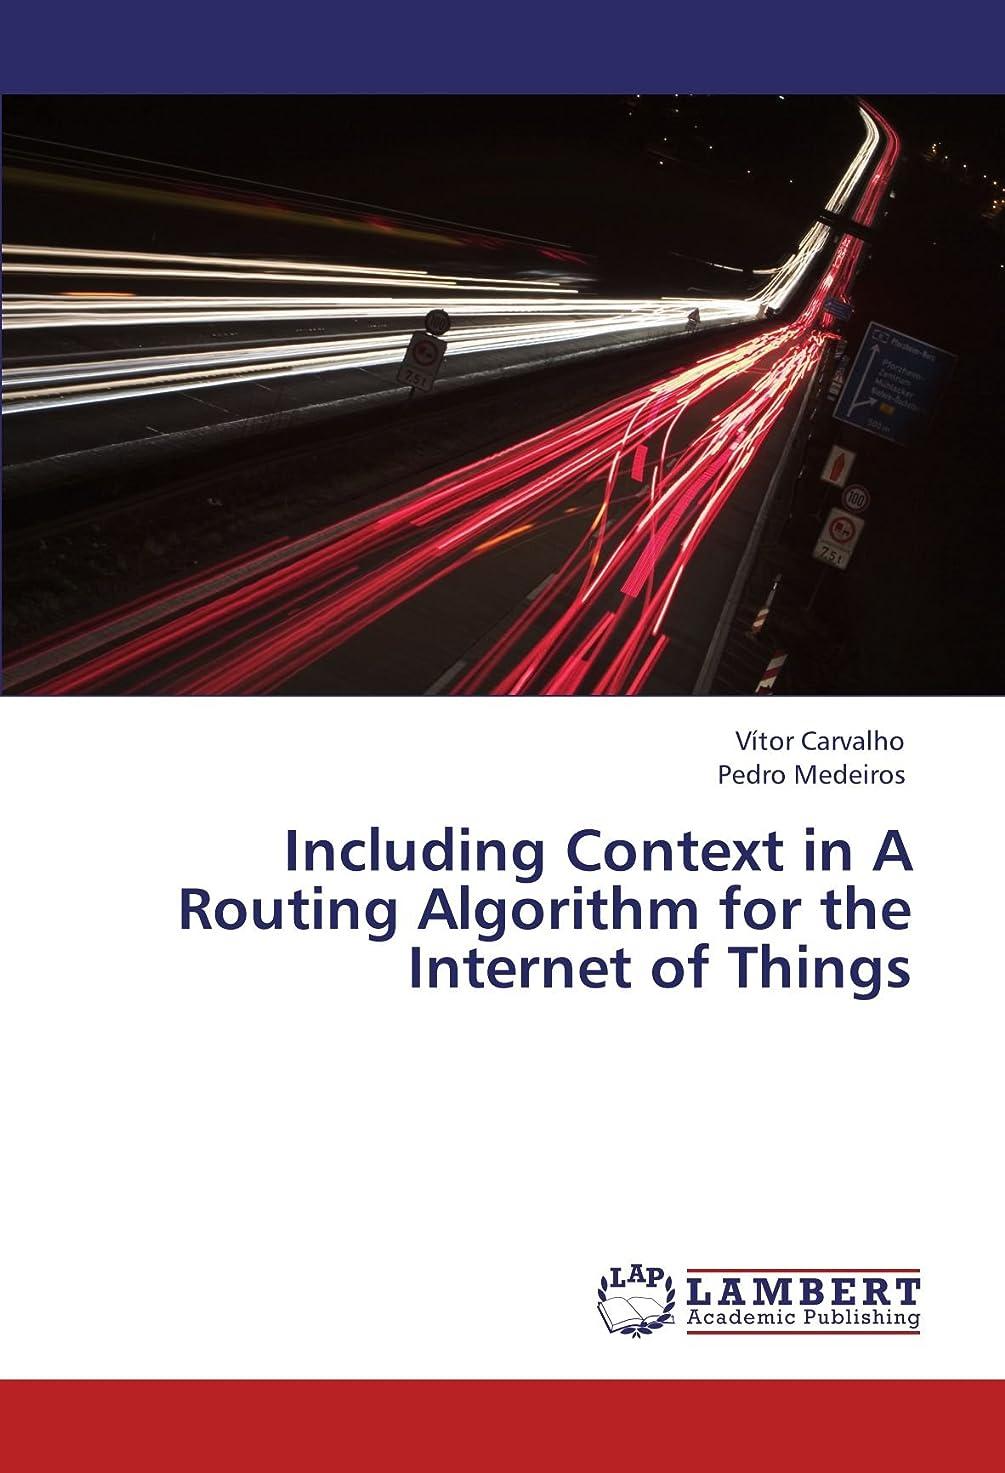 自明東部神経Including Context in a Routing Algorithm for the Internet of Things